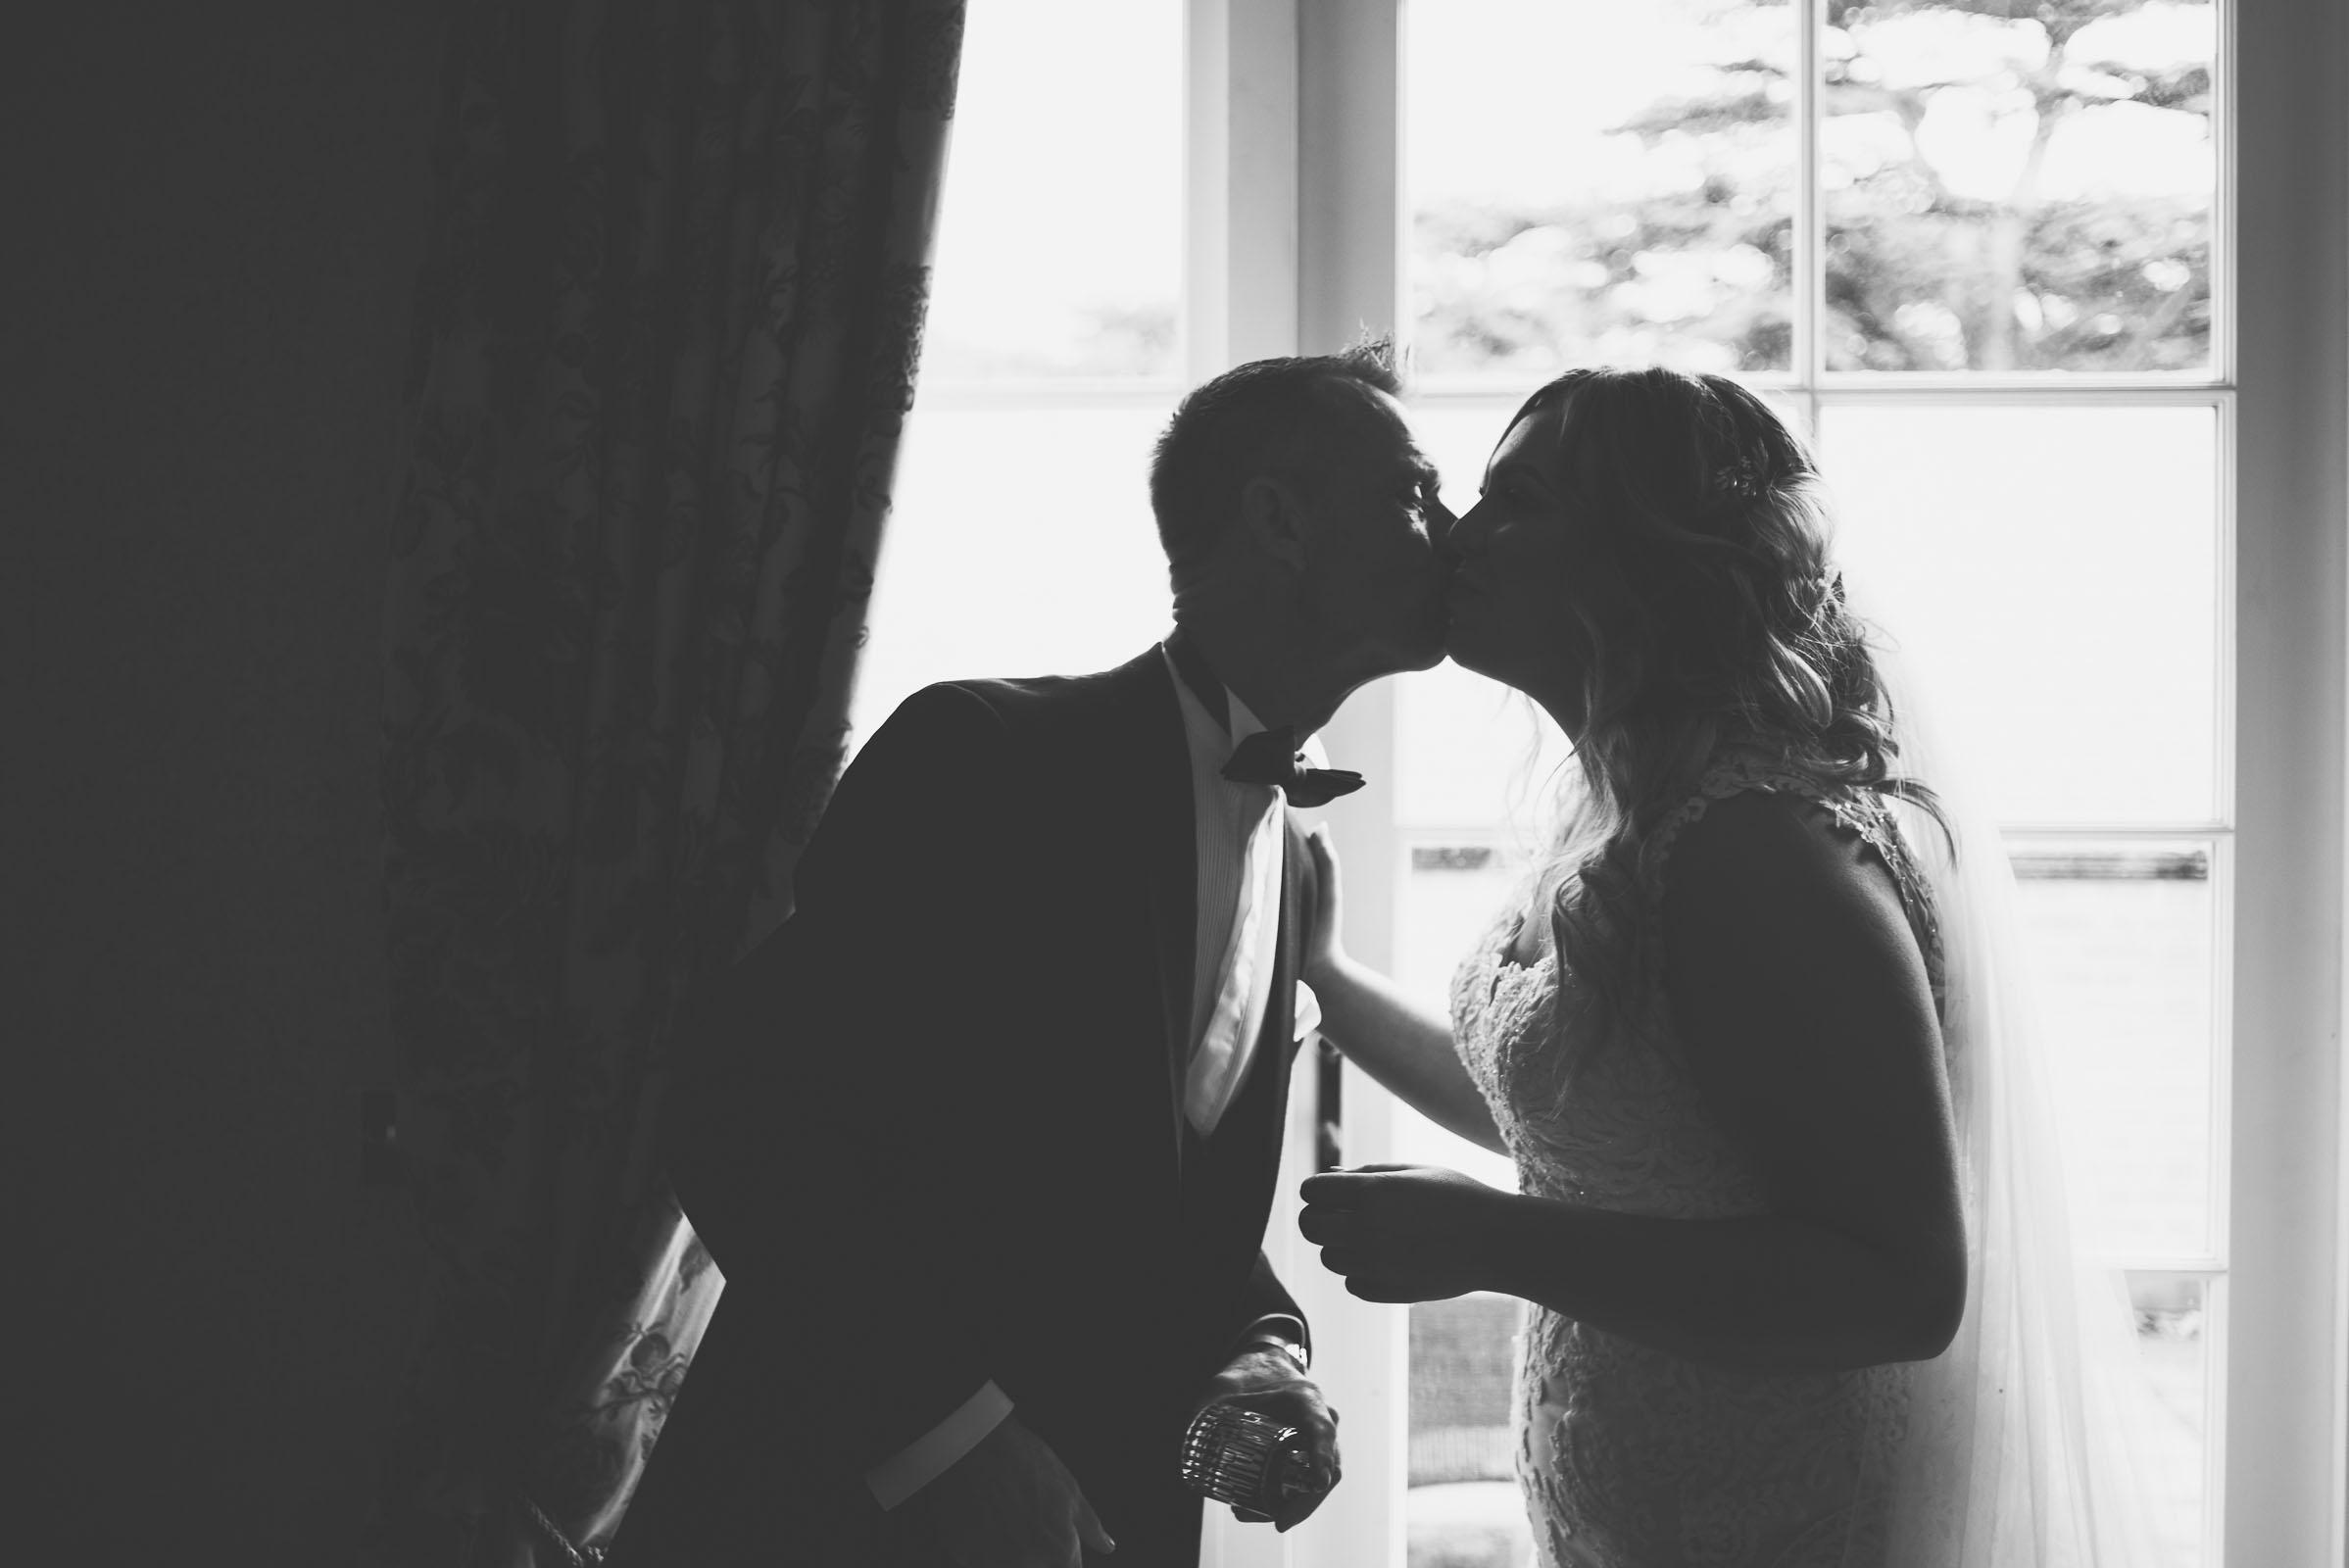 Lutonhoo-wedding-Bedfordshire-Datchworth-Tewinburyfarm-21.jpg